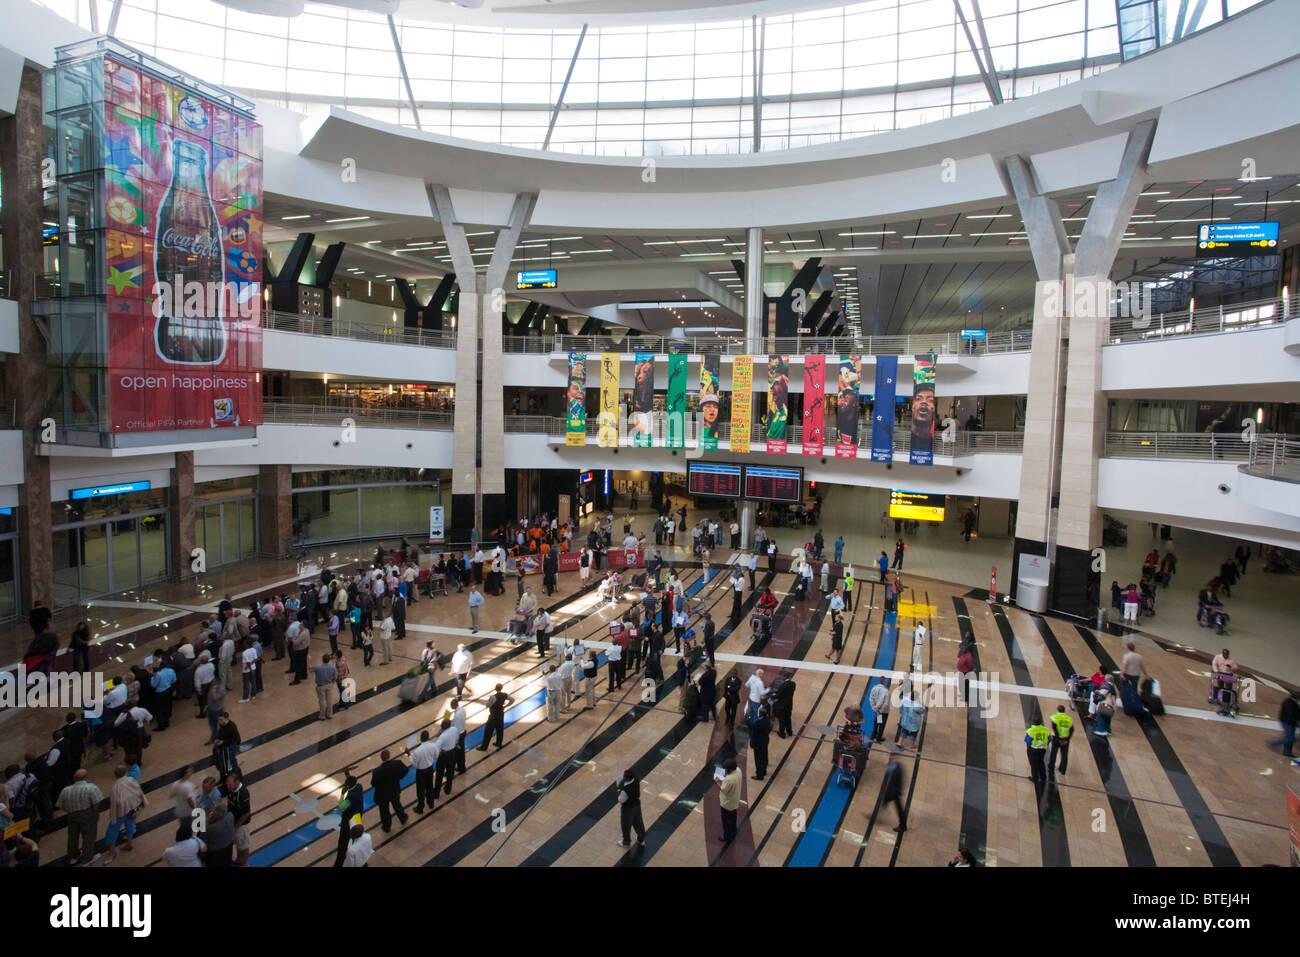 Le hall des arrivées à l'aéroport Oliver Tambo de Johannesburg Photo Stock